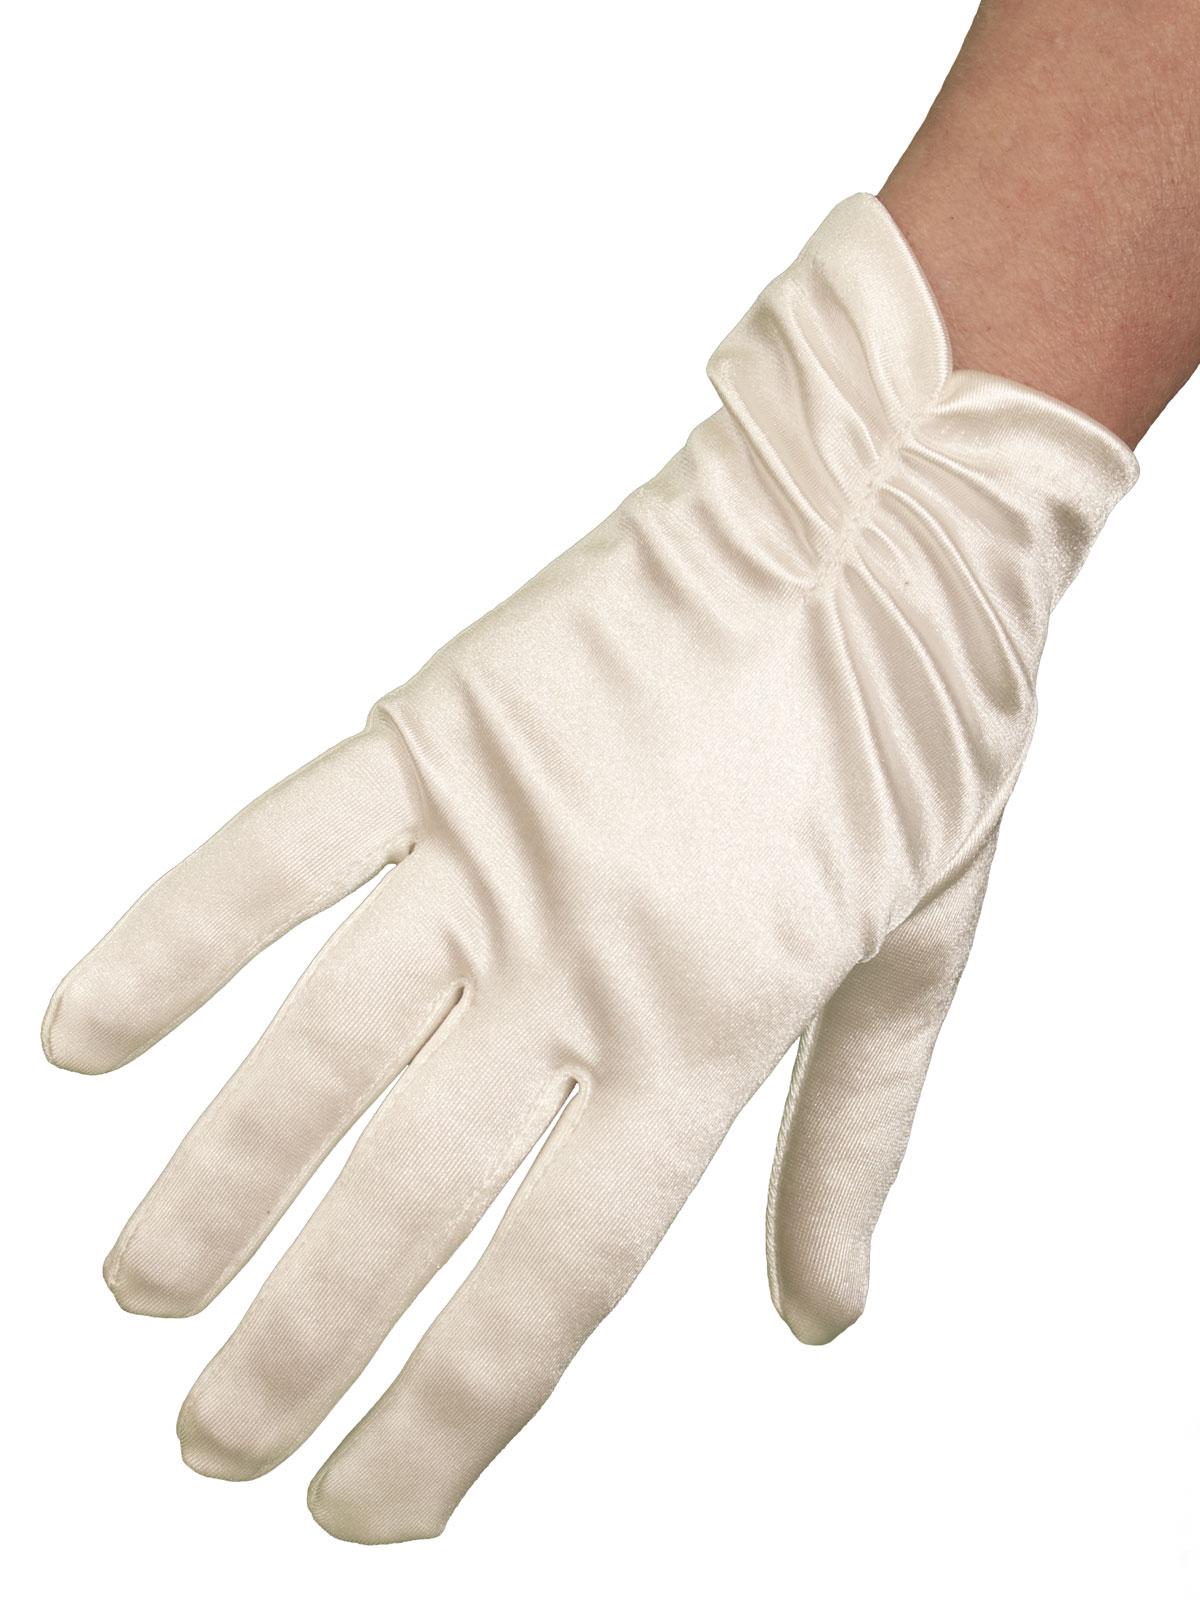 Dents Ruched Short Satin Dress Gloves